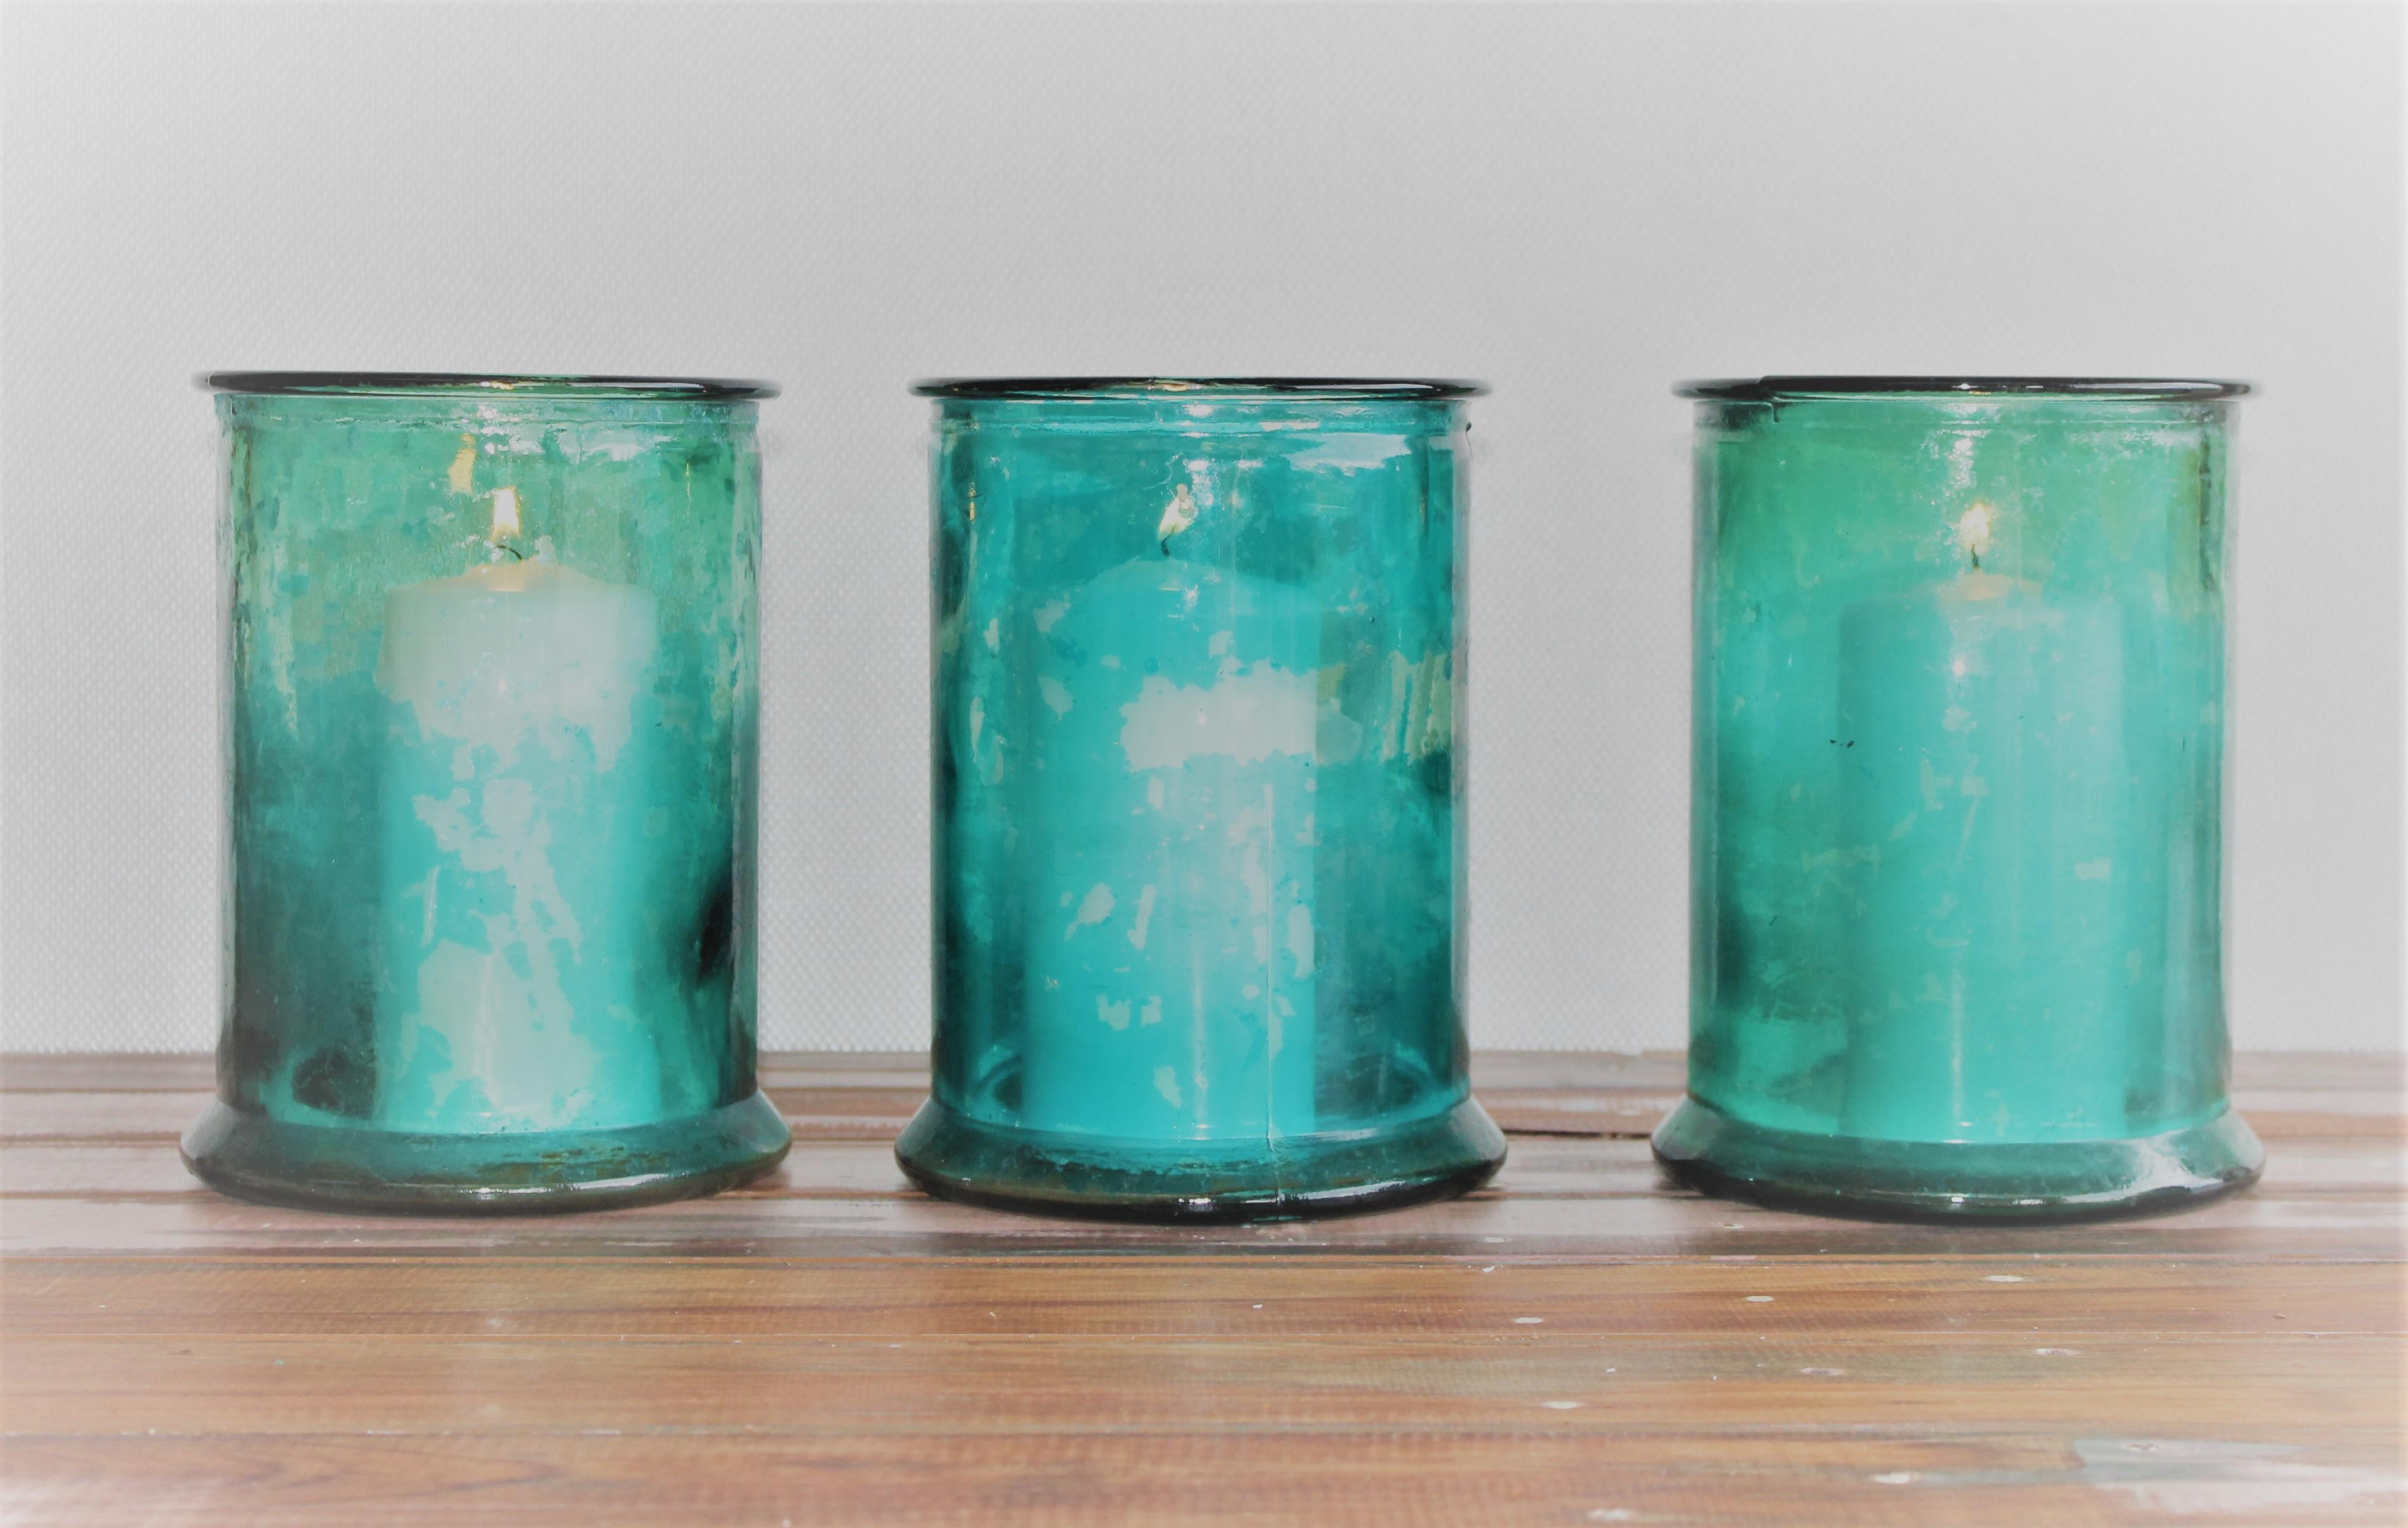 Large Aqua Candle Holders